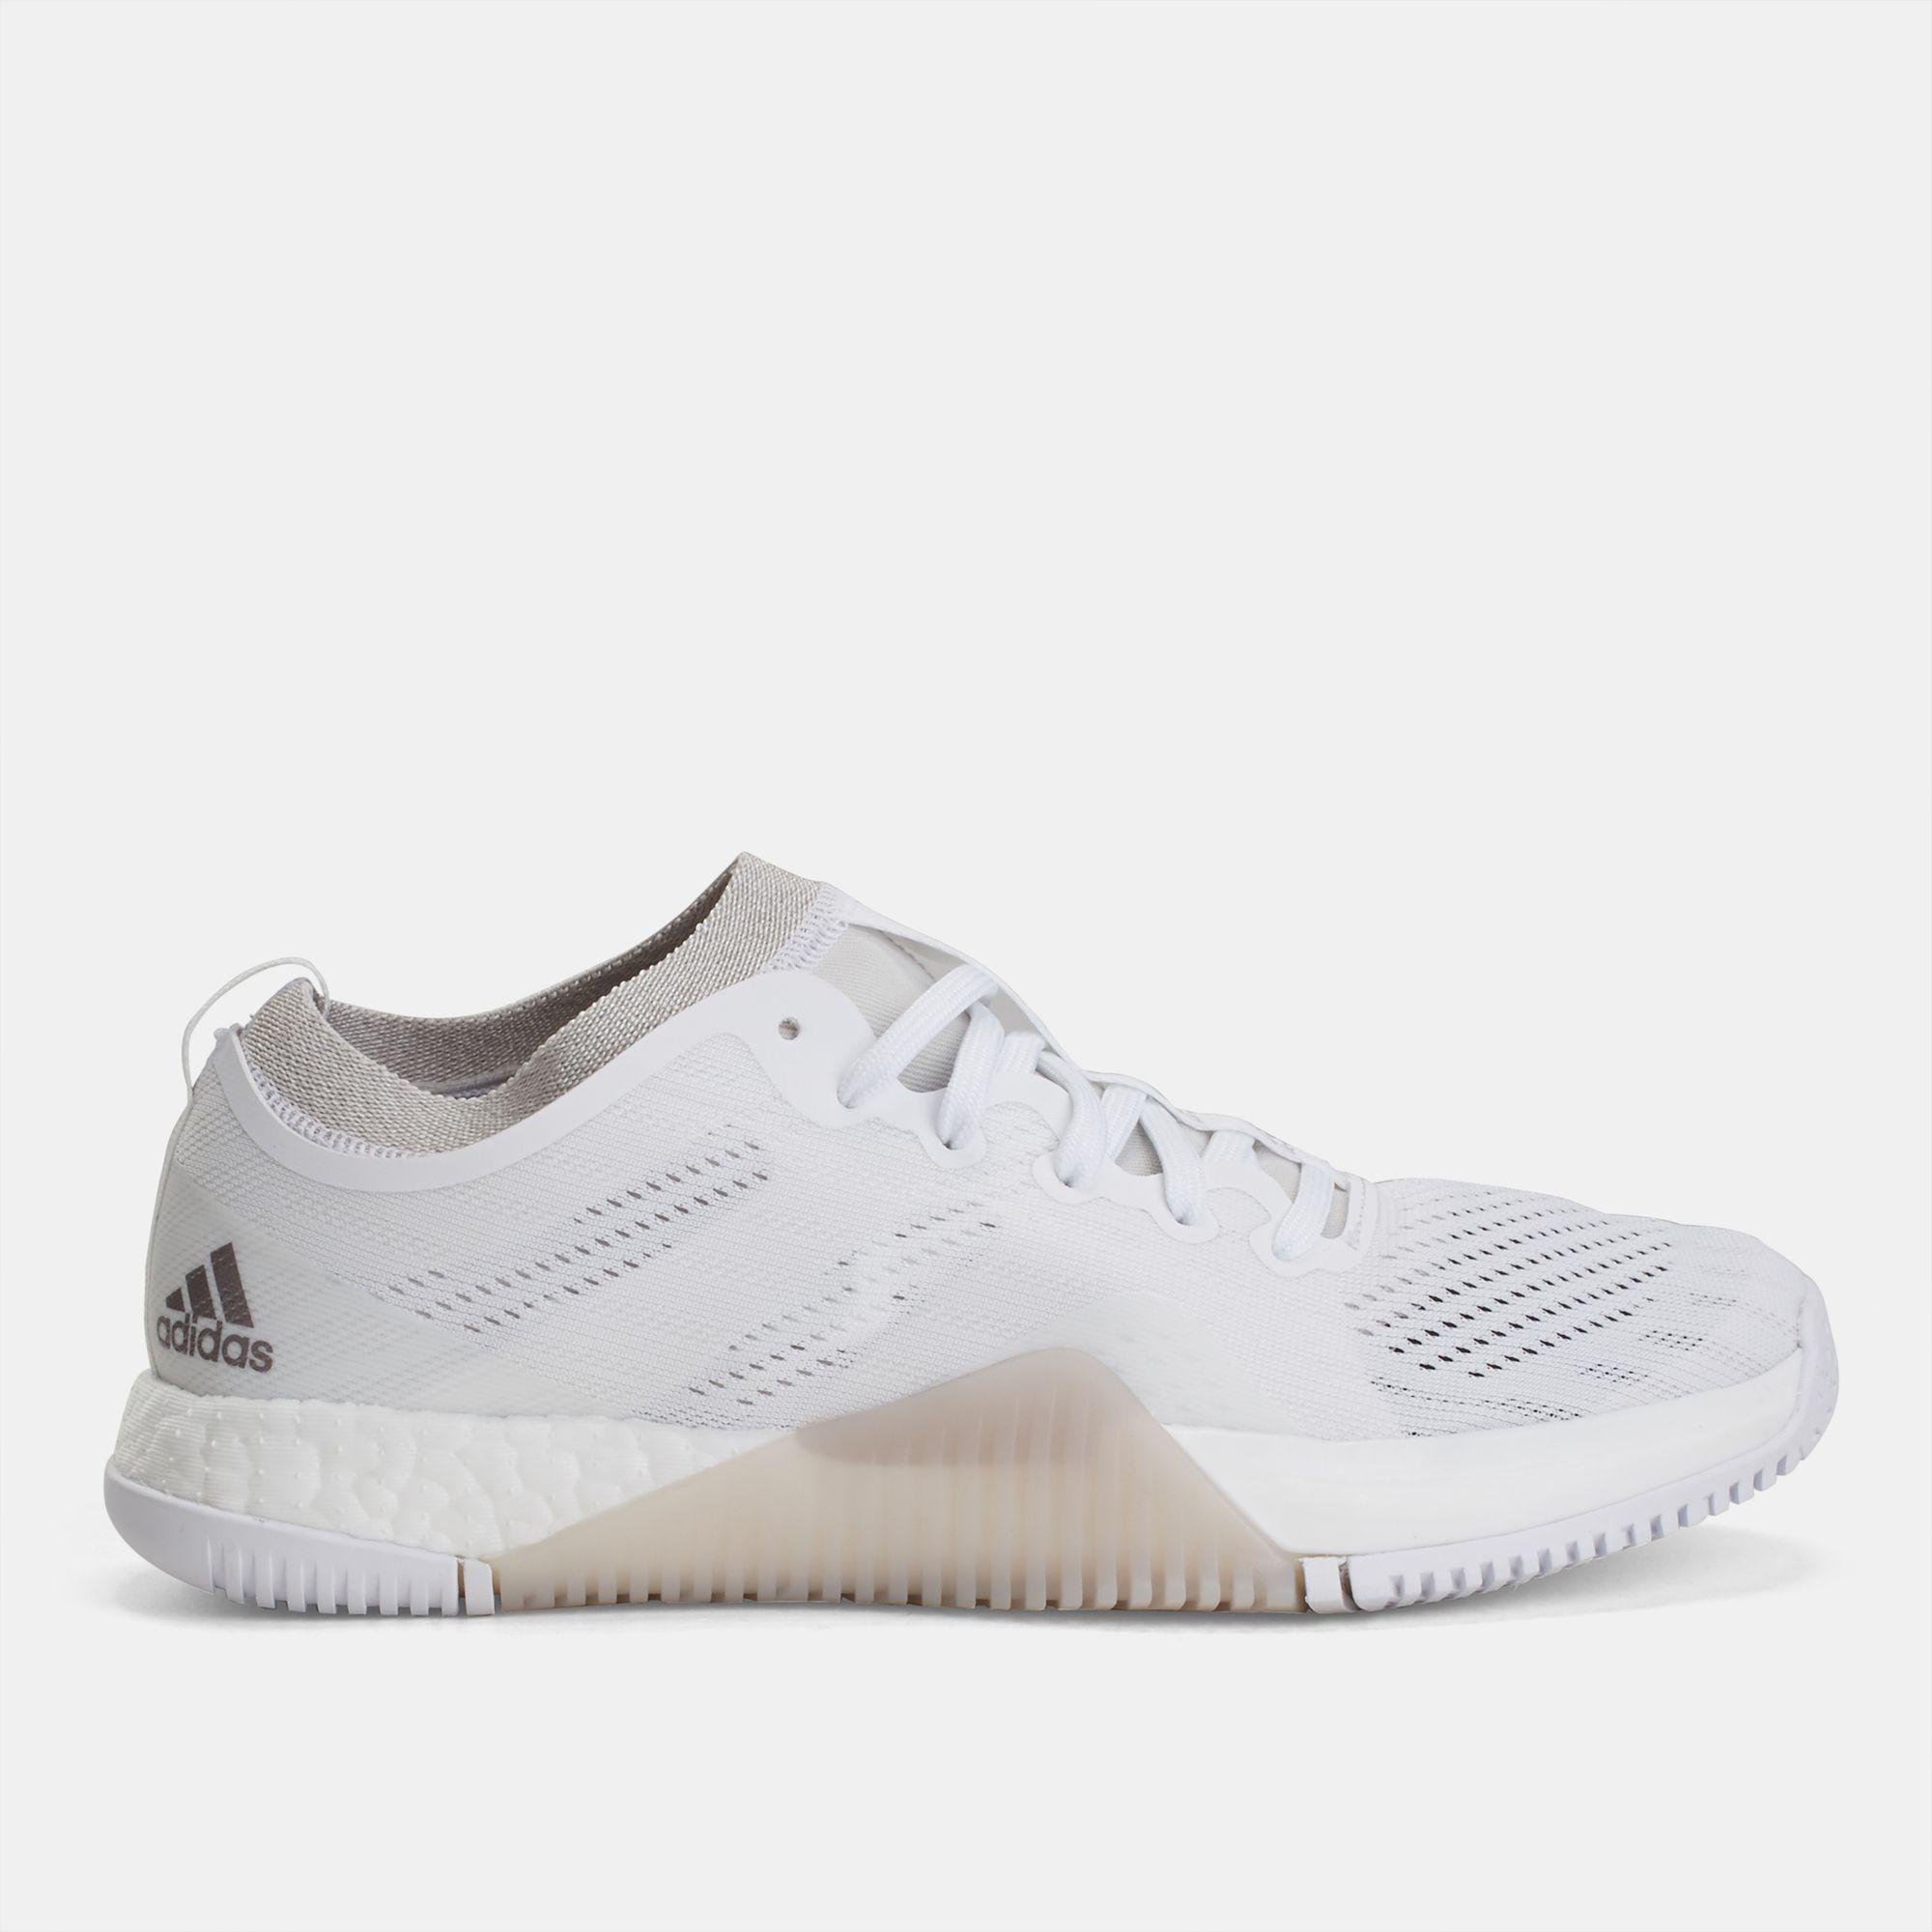 Adidas para hombres matchcourt blanco zapato zapato s matchcourt hombres RX skate 43122f